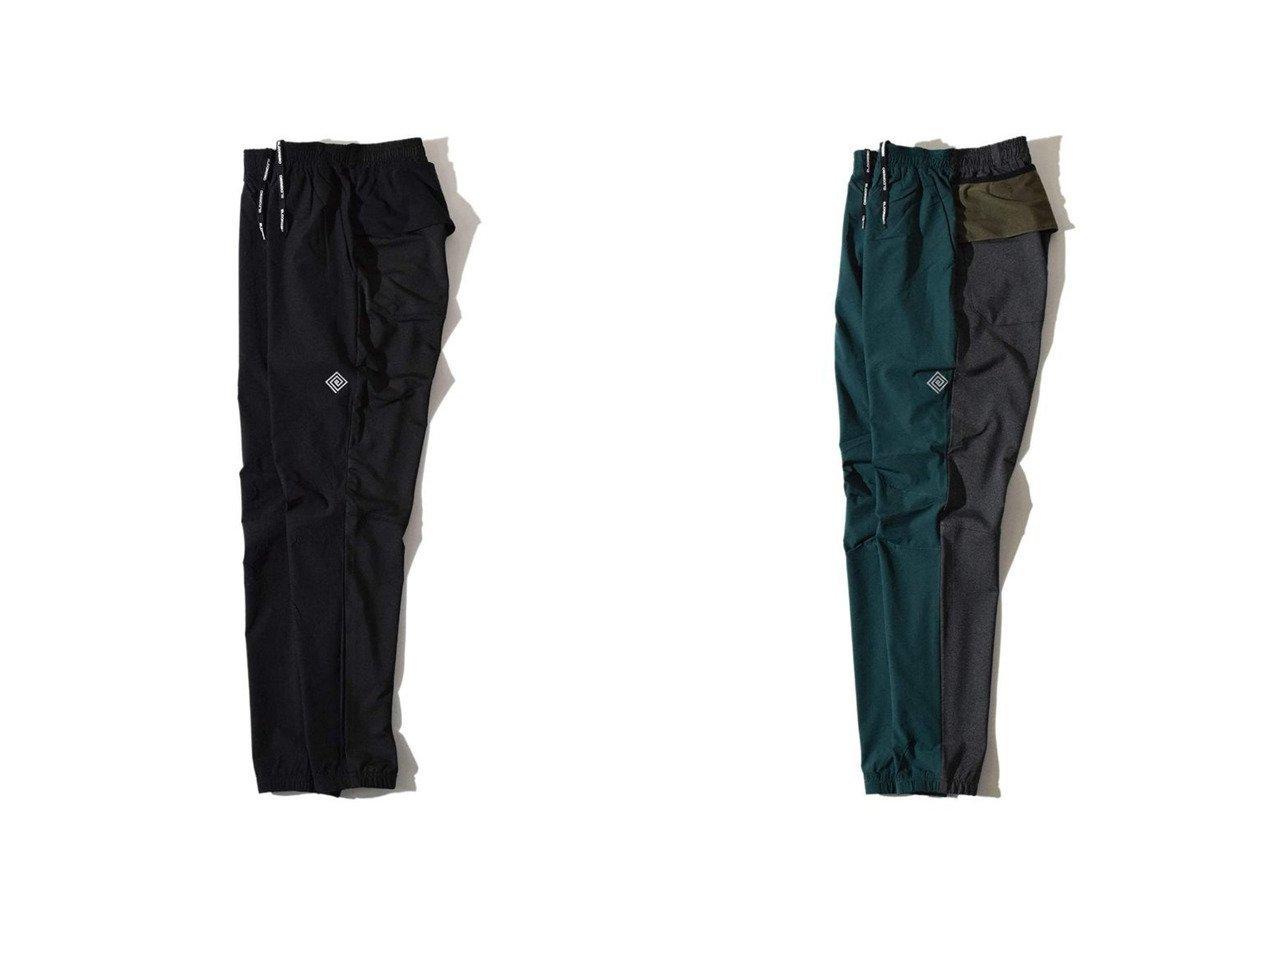 【JOURNAL STANDARD / MEN/ジャーナルスタンダード】の【エルドレッソ】Light Ikangga Pants 【MEN】おすすめ!人気トレンド・男性、メンズファッションの通販 おすすめで人気の流行・トレンド、ファッションの通販商品 メンズファッション・キッズファッション・インテリア・家具・レディースファッション・服の通販 founy(ファニー) https://founy.com/ ファッション Fashion メンズファッション MEN ボトムス Bottoms Men 秋 Autumn/Fall クラシカル コレクション 今季 軽量 ストレッチ ファブリック ポケット メッシュ モチーフ ランニング 再入荷 Restock/Back in Stock/Re Arrival |ID:crp329100000023090